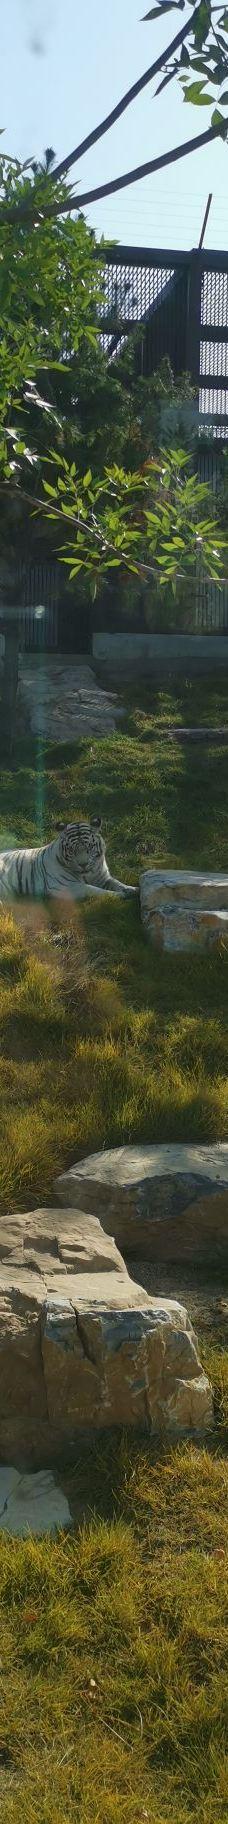 太原动物园-太原